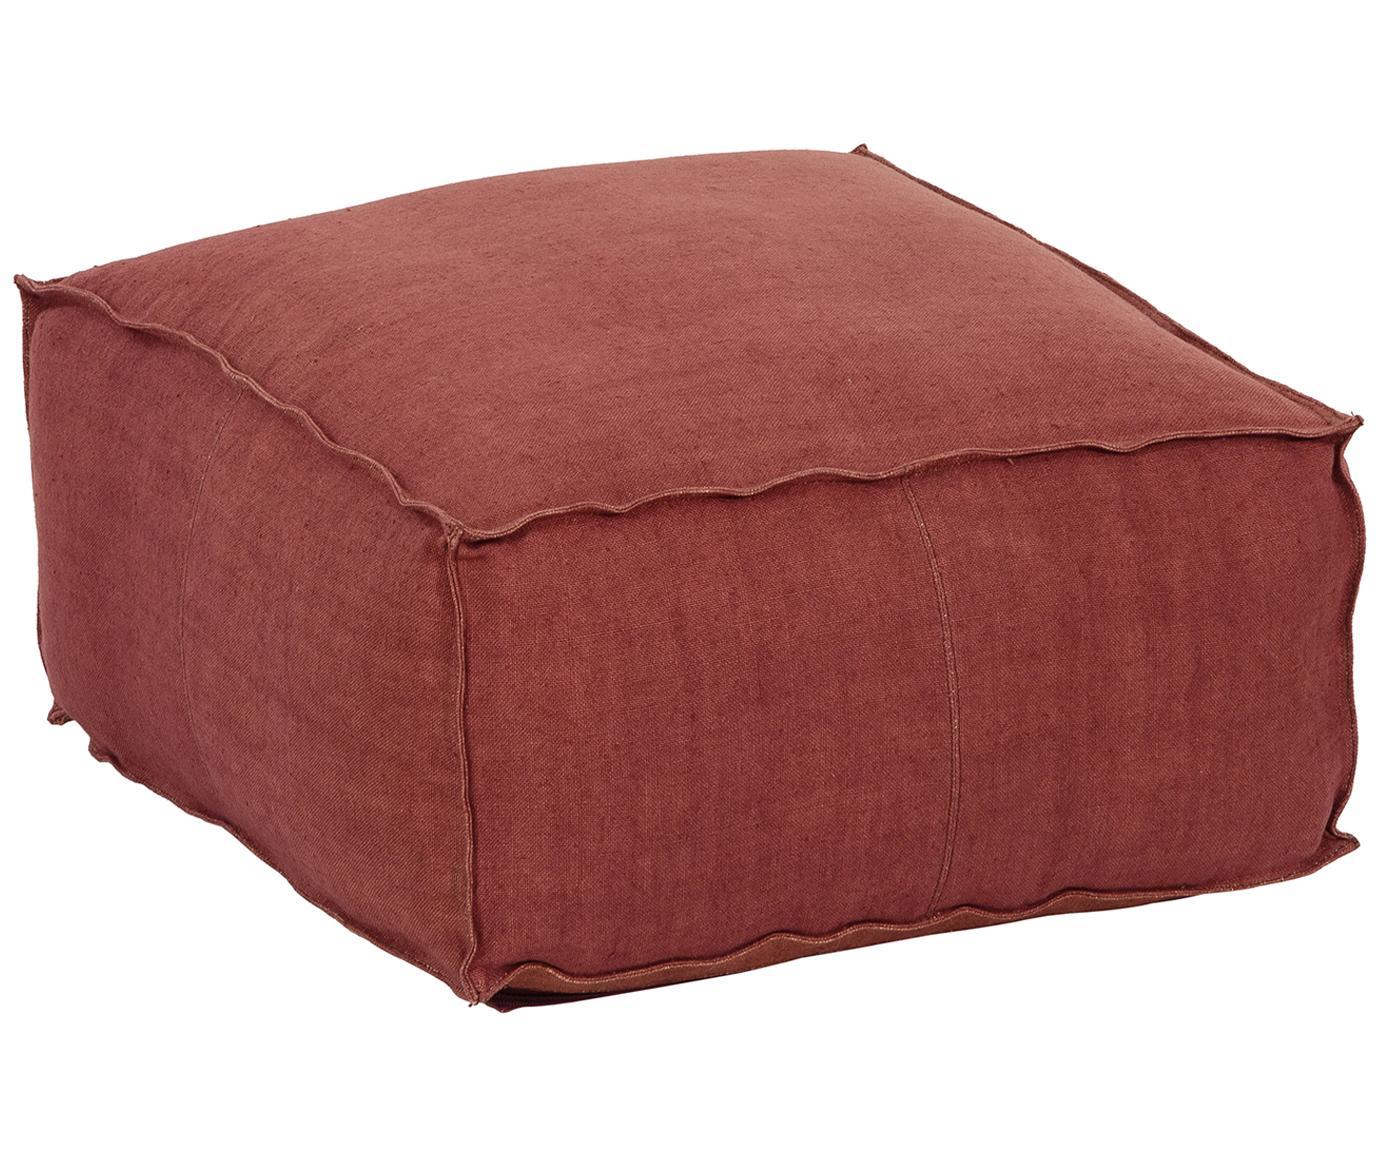 Cuscino da pavimento in lino fatto a mano Zafferano, Rivestimento: lino, Rosso ruggine, Larg. 50 x Alt. 25 cm